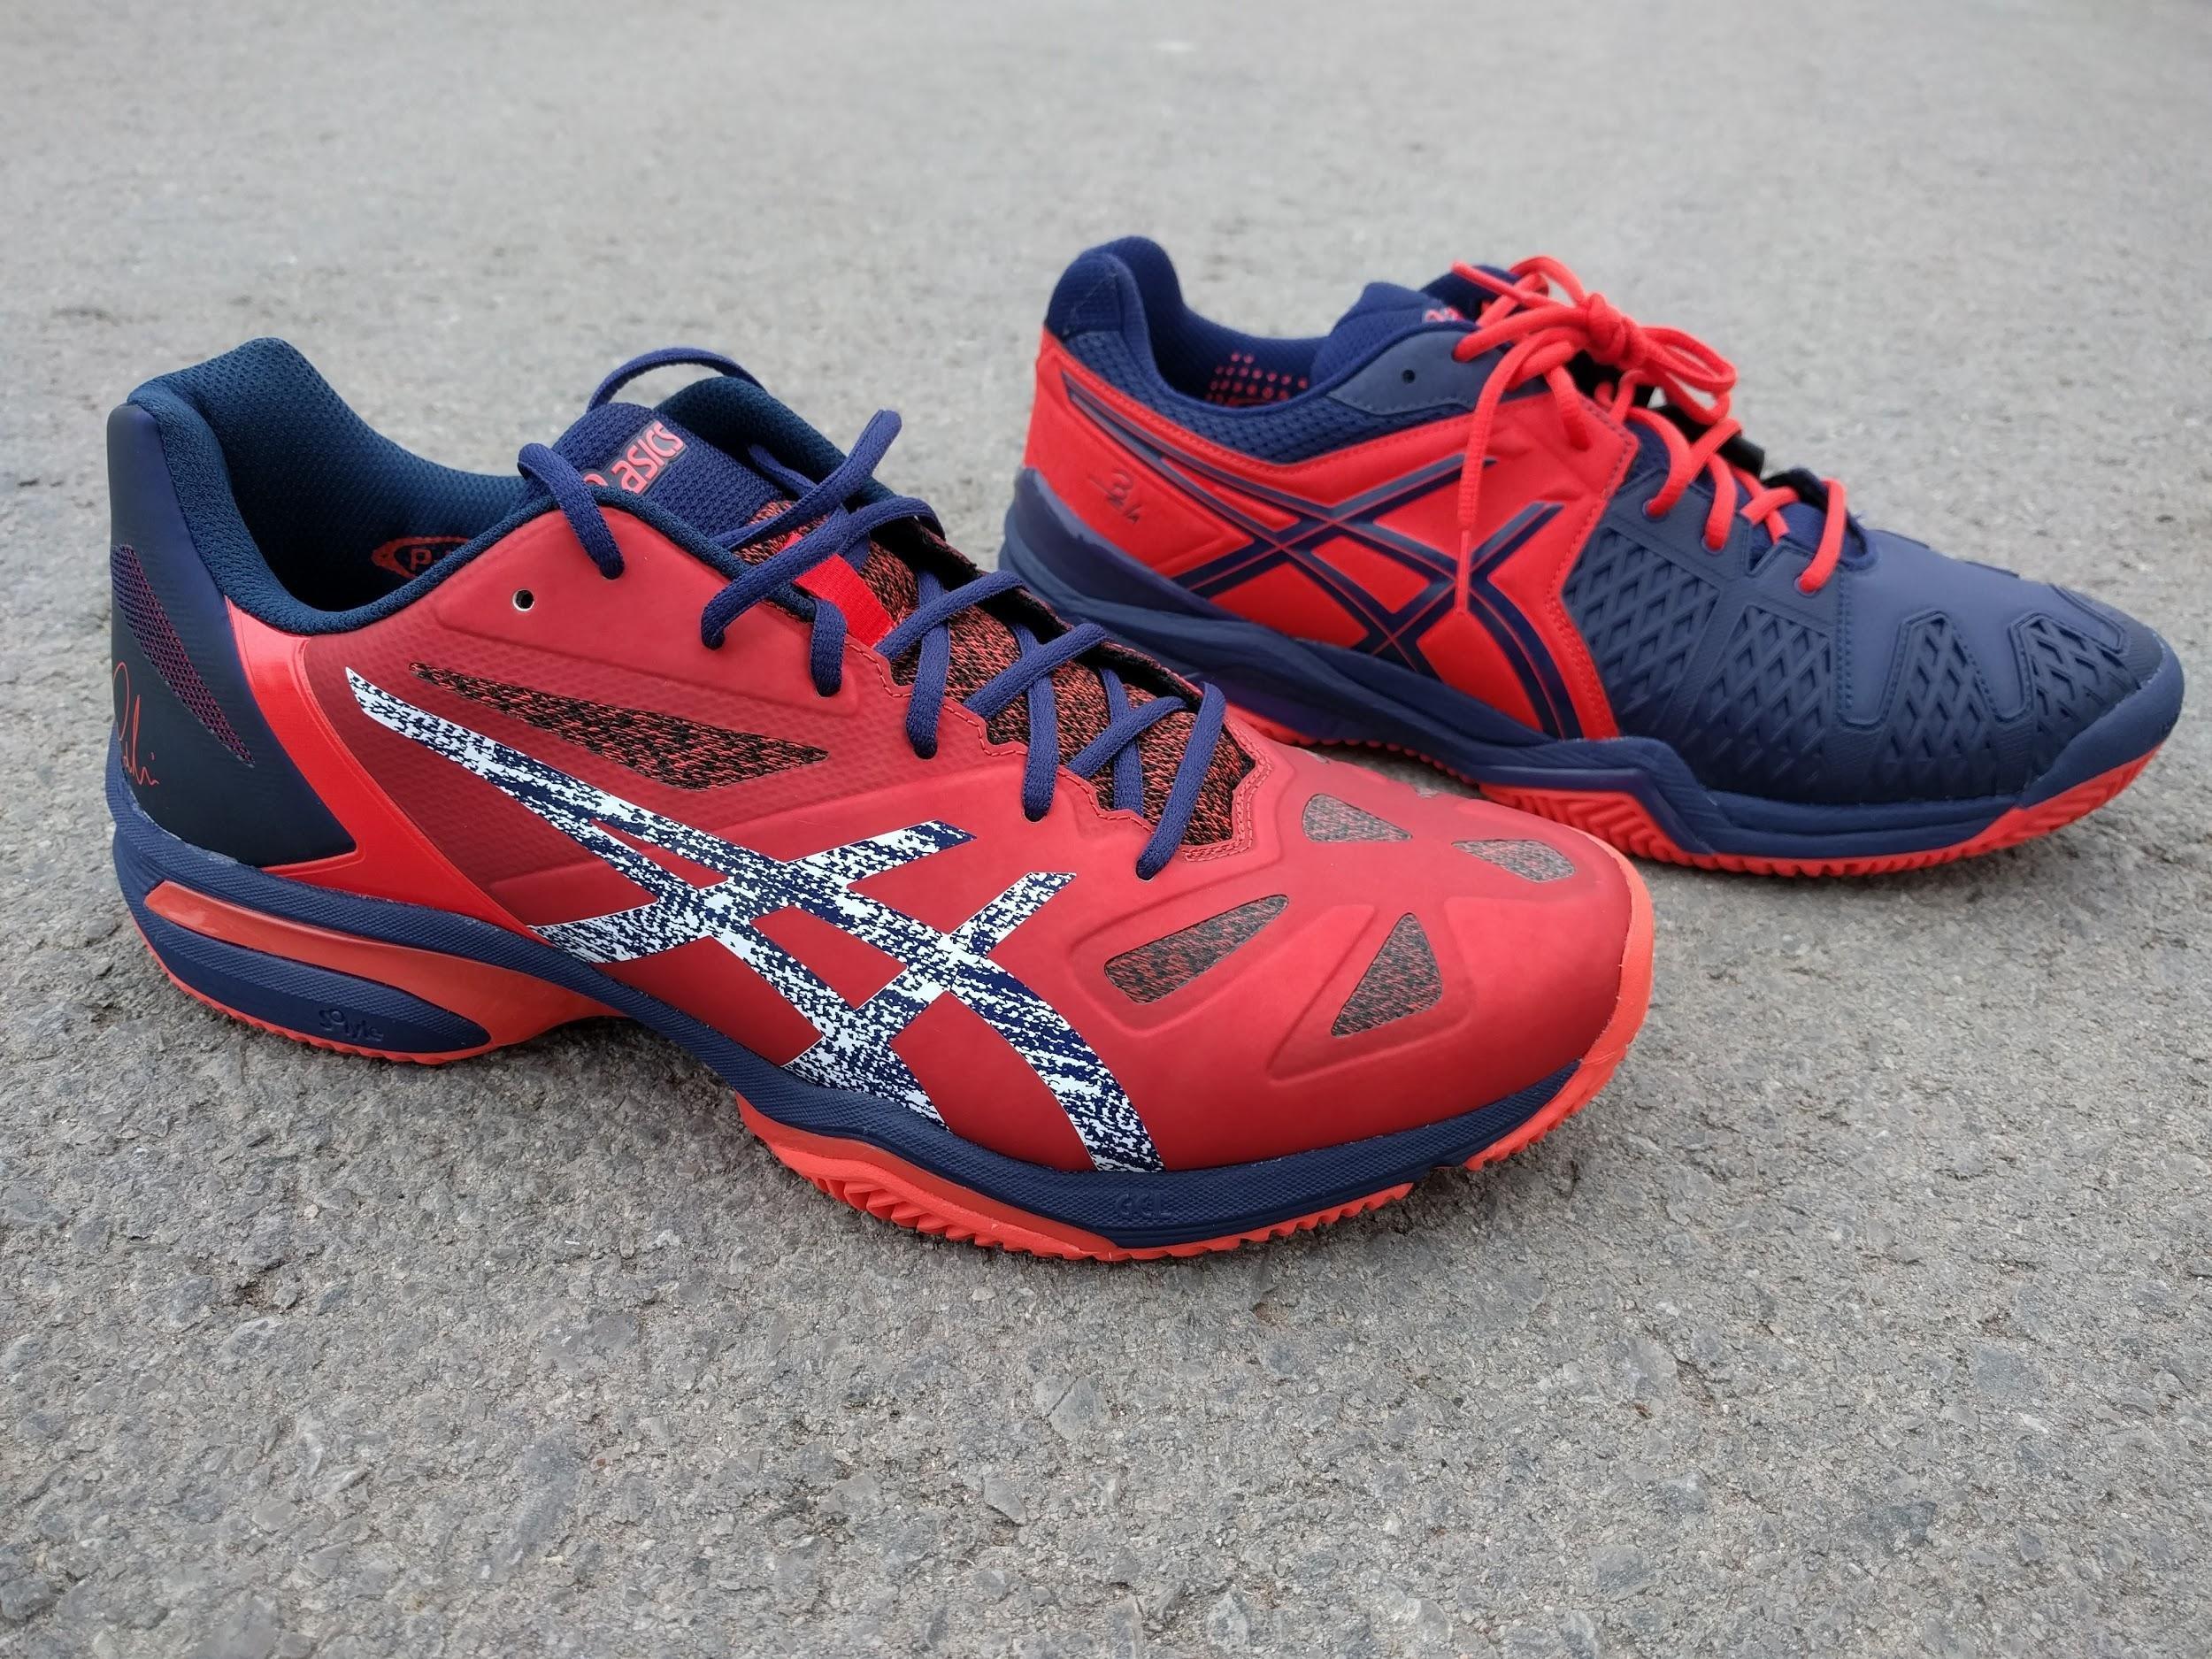 f705086d ... buen calzado, muchas veces nos olvidamos de lo fundamental que es  utilizar buenas zapatillas en deportes como el pádel donde la protagonista  es la pala.